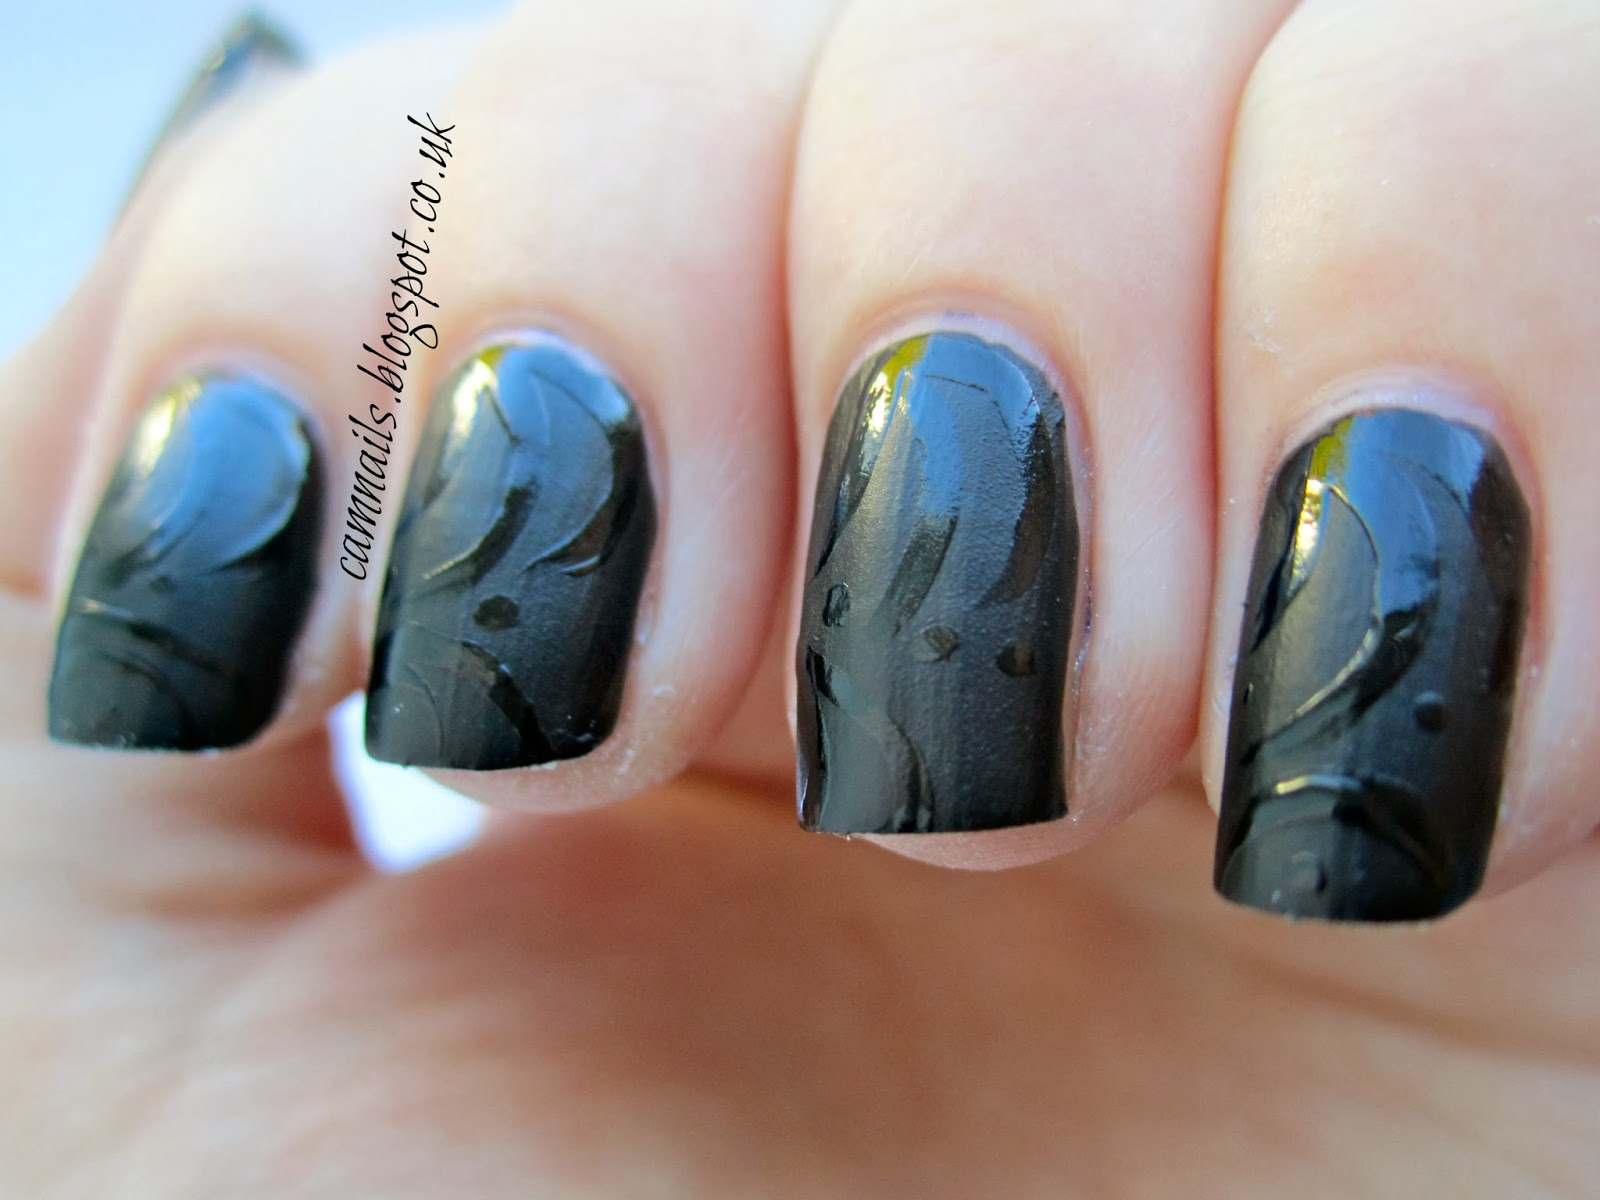 Luxury Matte Black Cat Nails Pictures - Nail Art Design Ideas ...